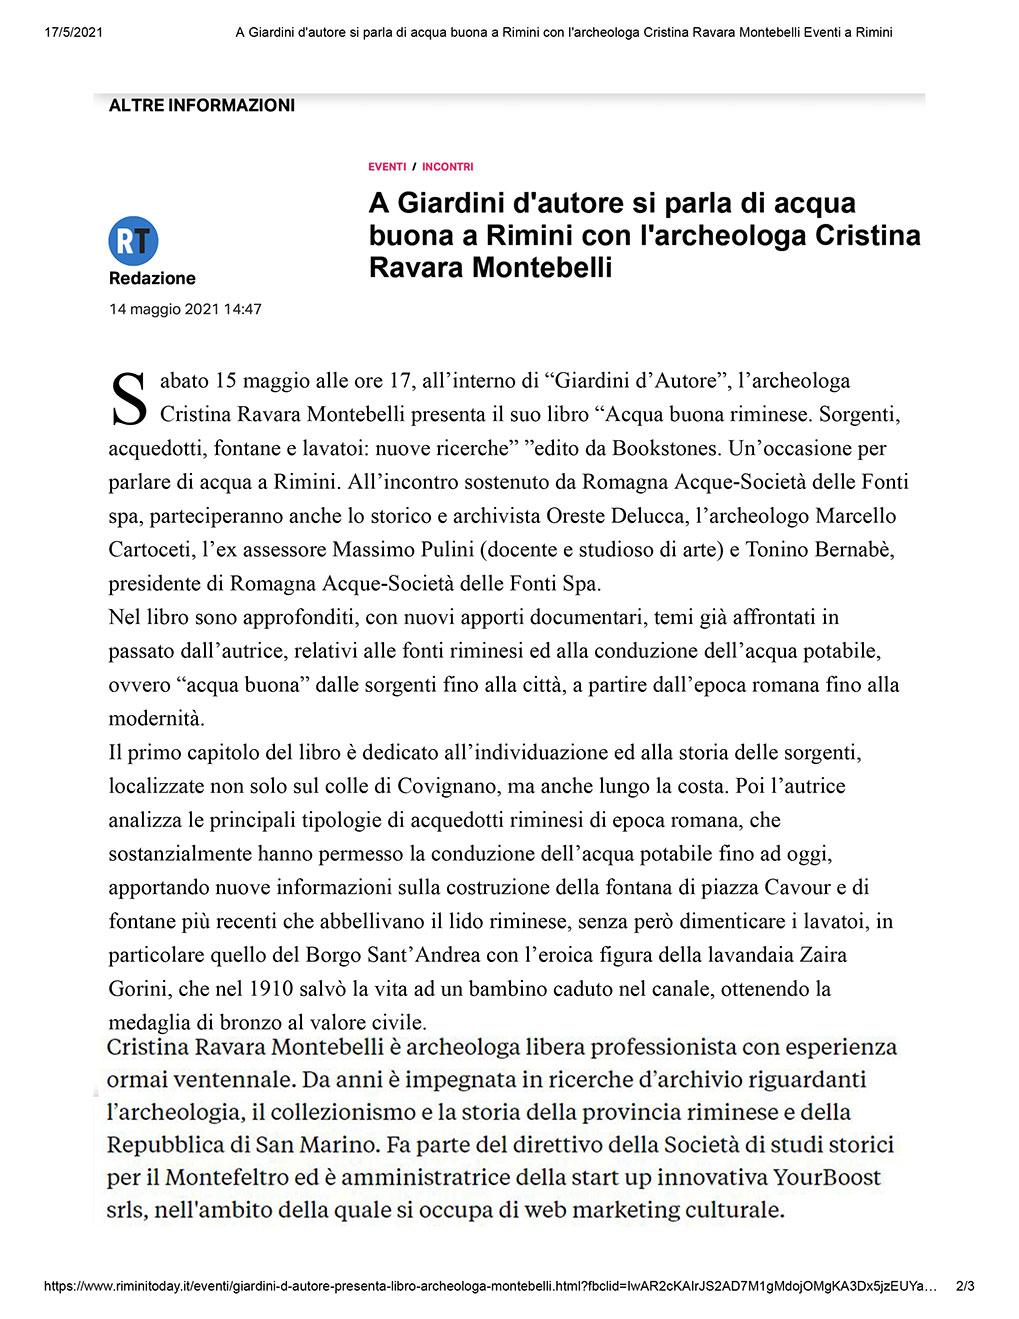 Presentazione libro Acqua buona riminese di Cristina Ravara Montebelli